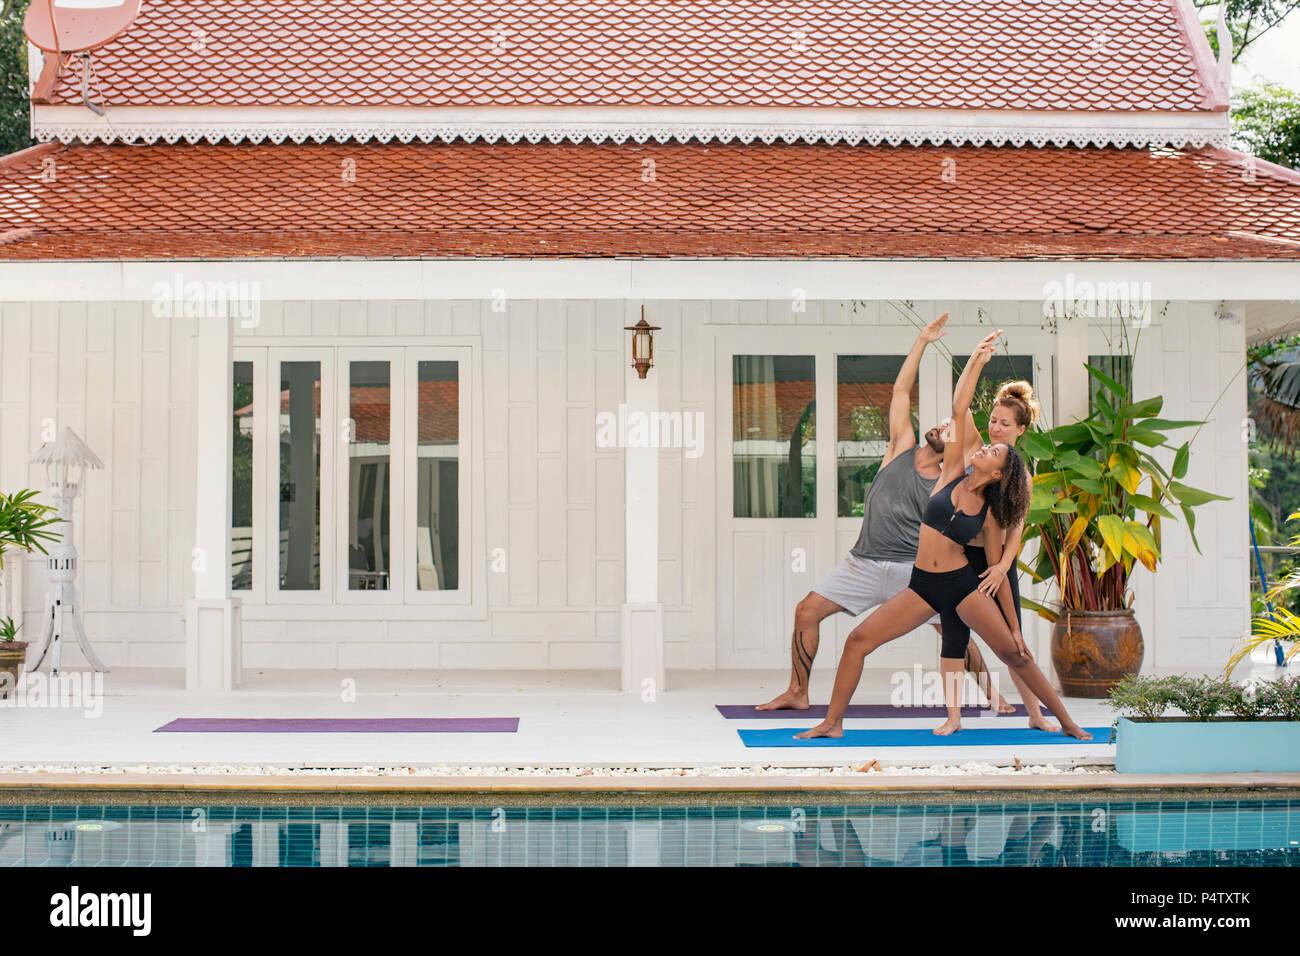 L'enseignement de l'instructeur de yoga yoga pose correcte femme sur terrasse Photo Stock